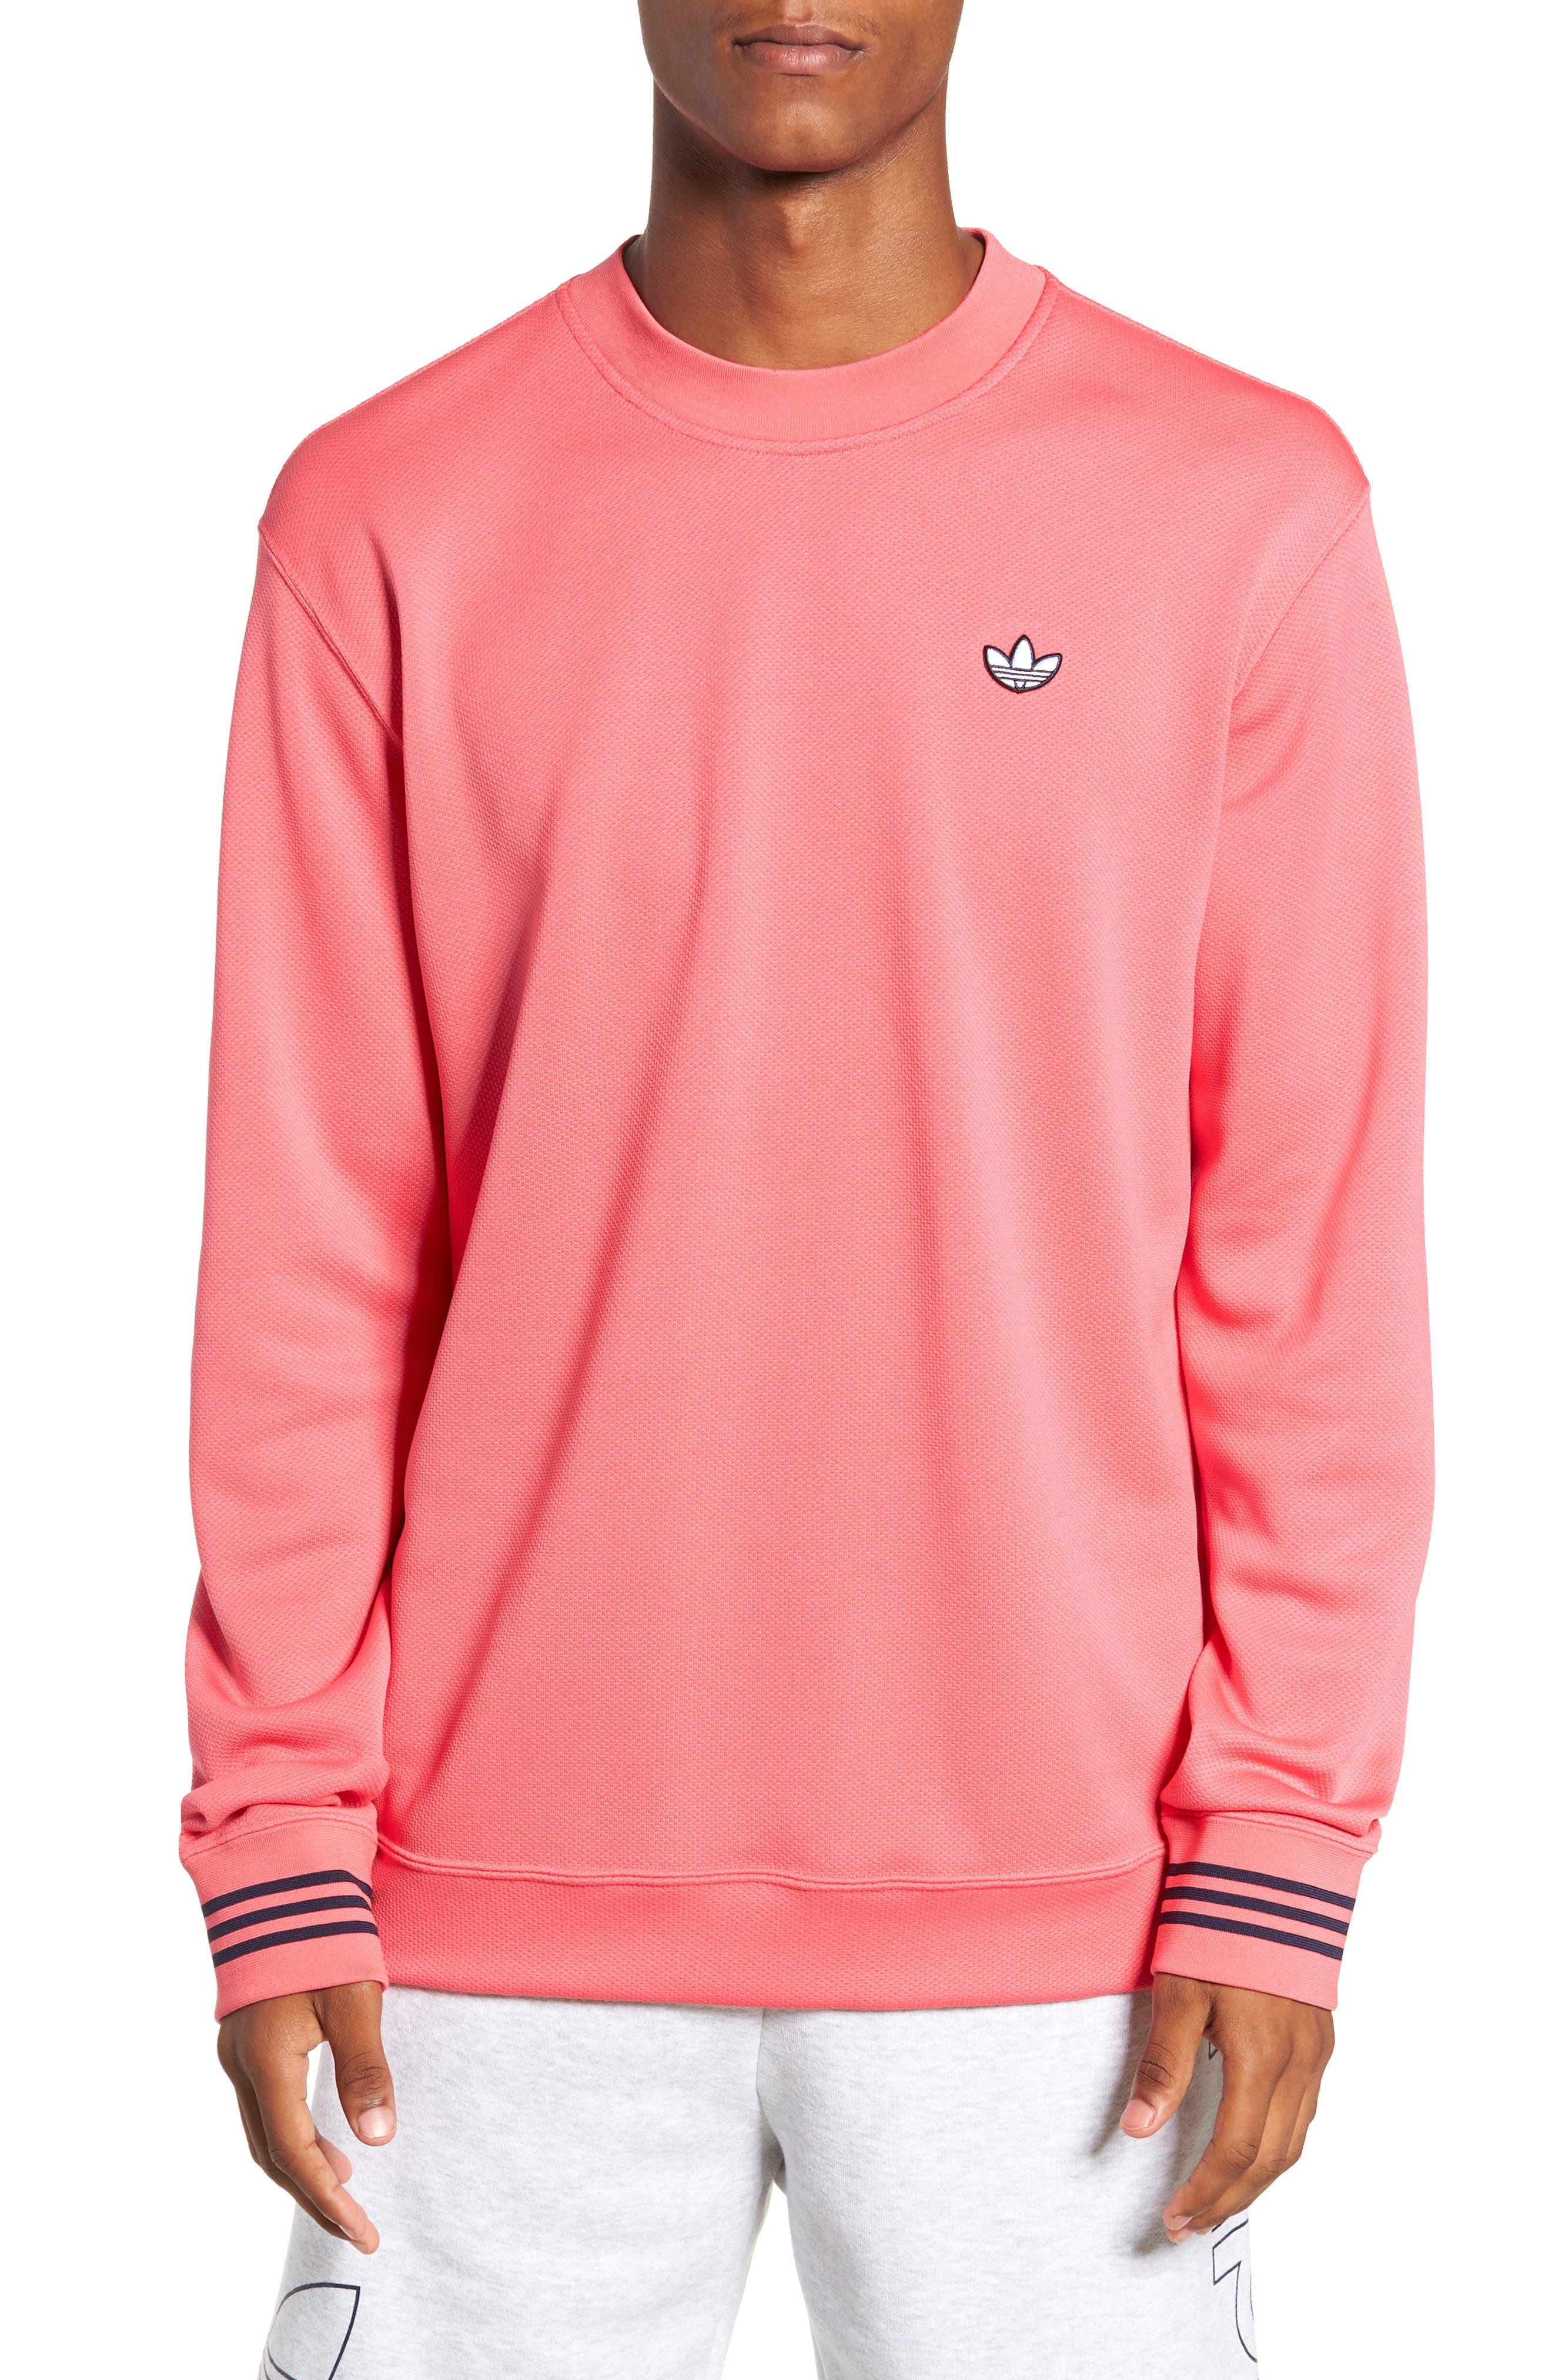 ADIDAS ORIGINALS, Piqué Long Sleeve T-Shirt, Main thumbnail 1, color, REAL PINK